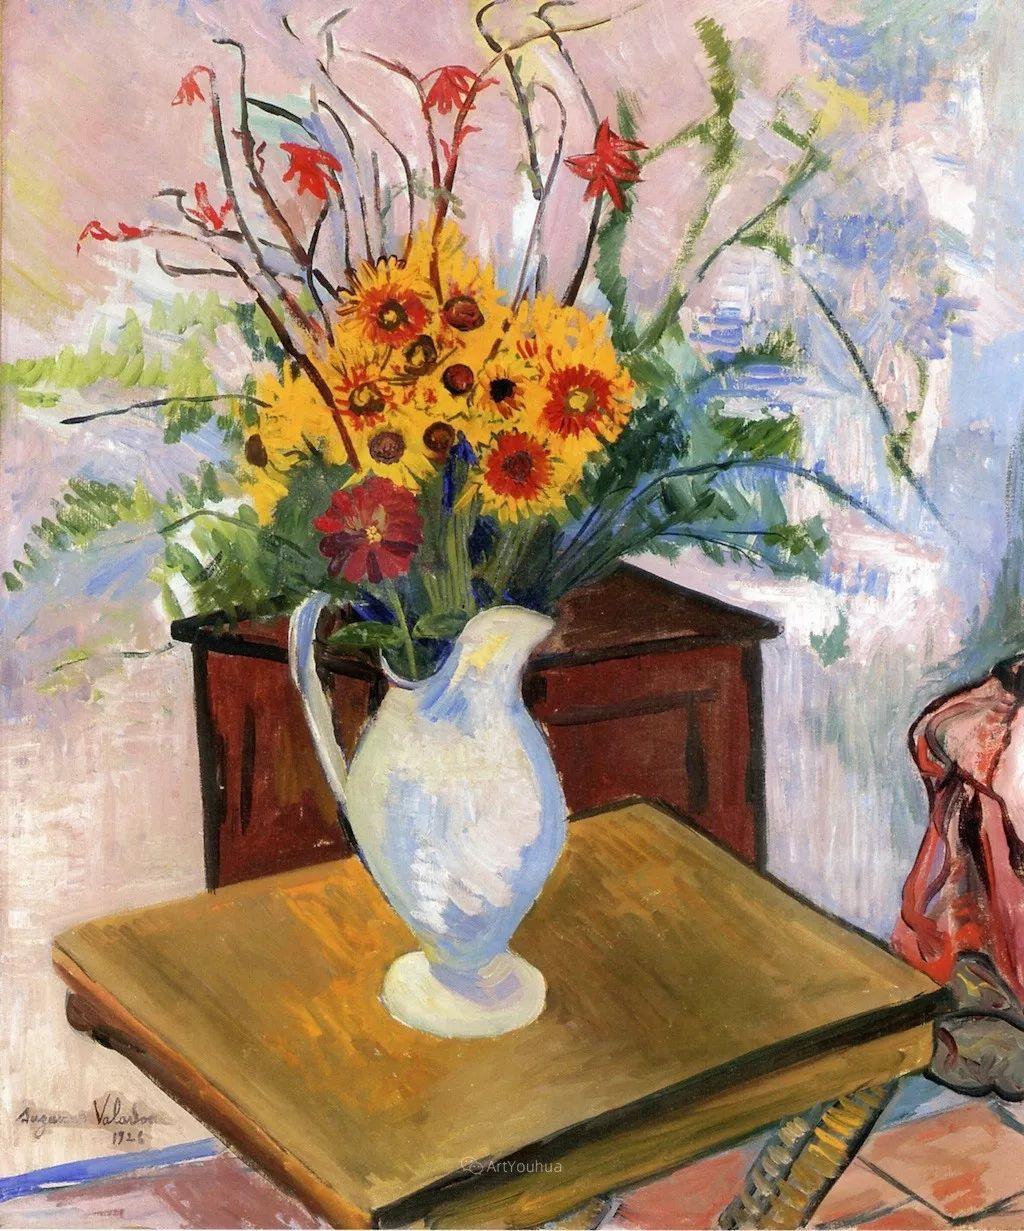 法国美术家协会第一个女性成员——苏珊娜·瓦拉东插图35